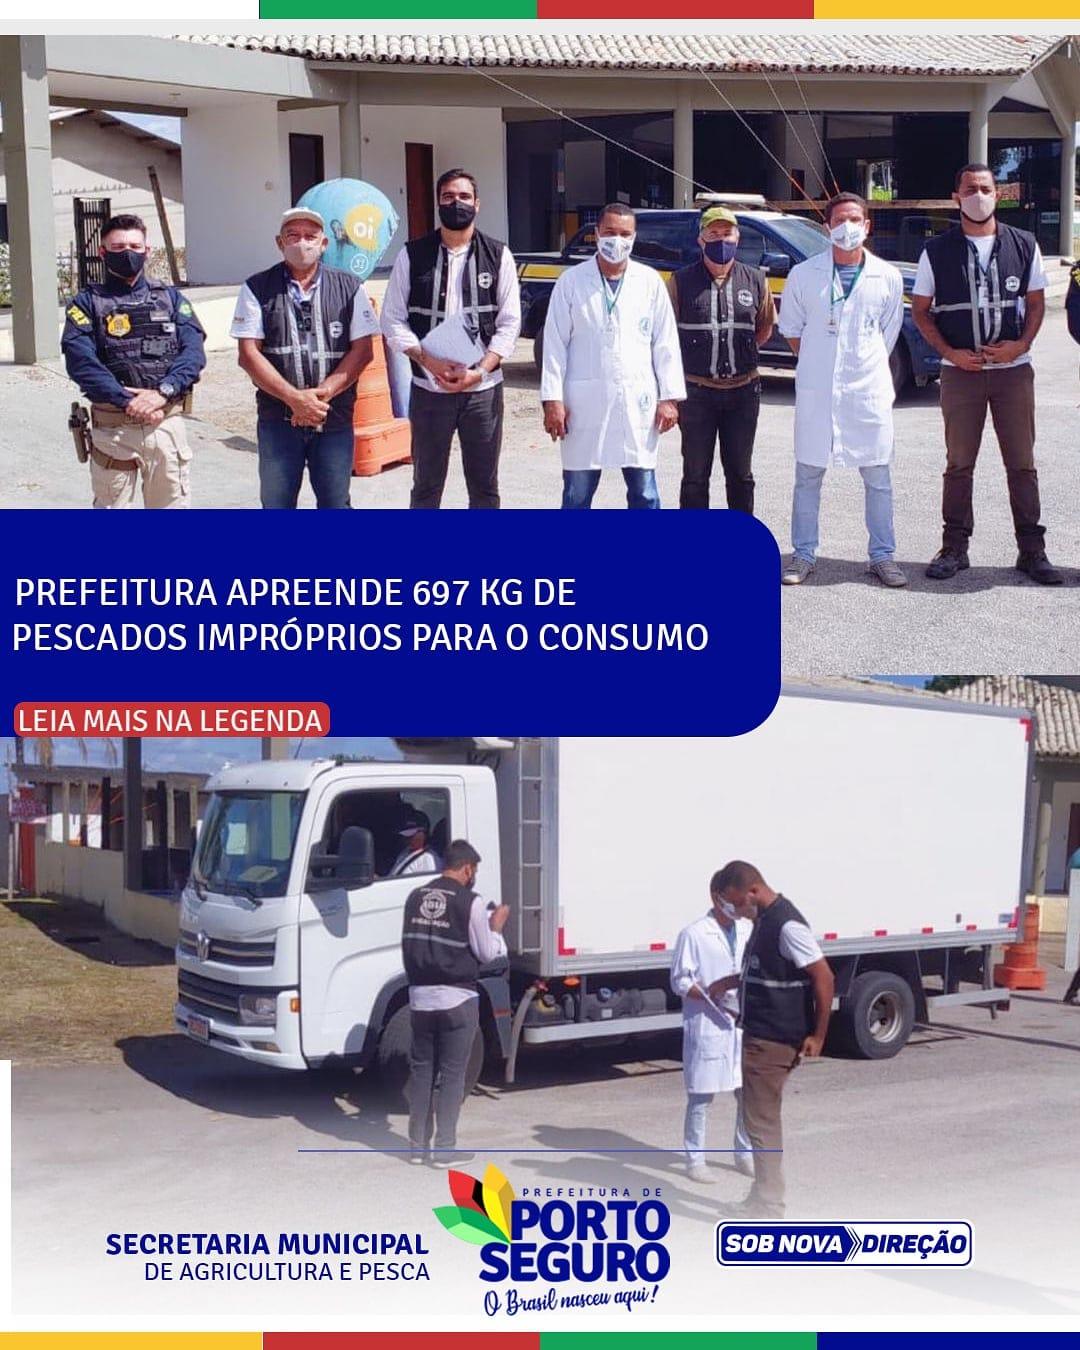 Prefeitura de Porto Seguro apreende 697 kg de pescados impróprios para o consumo 18